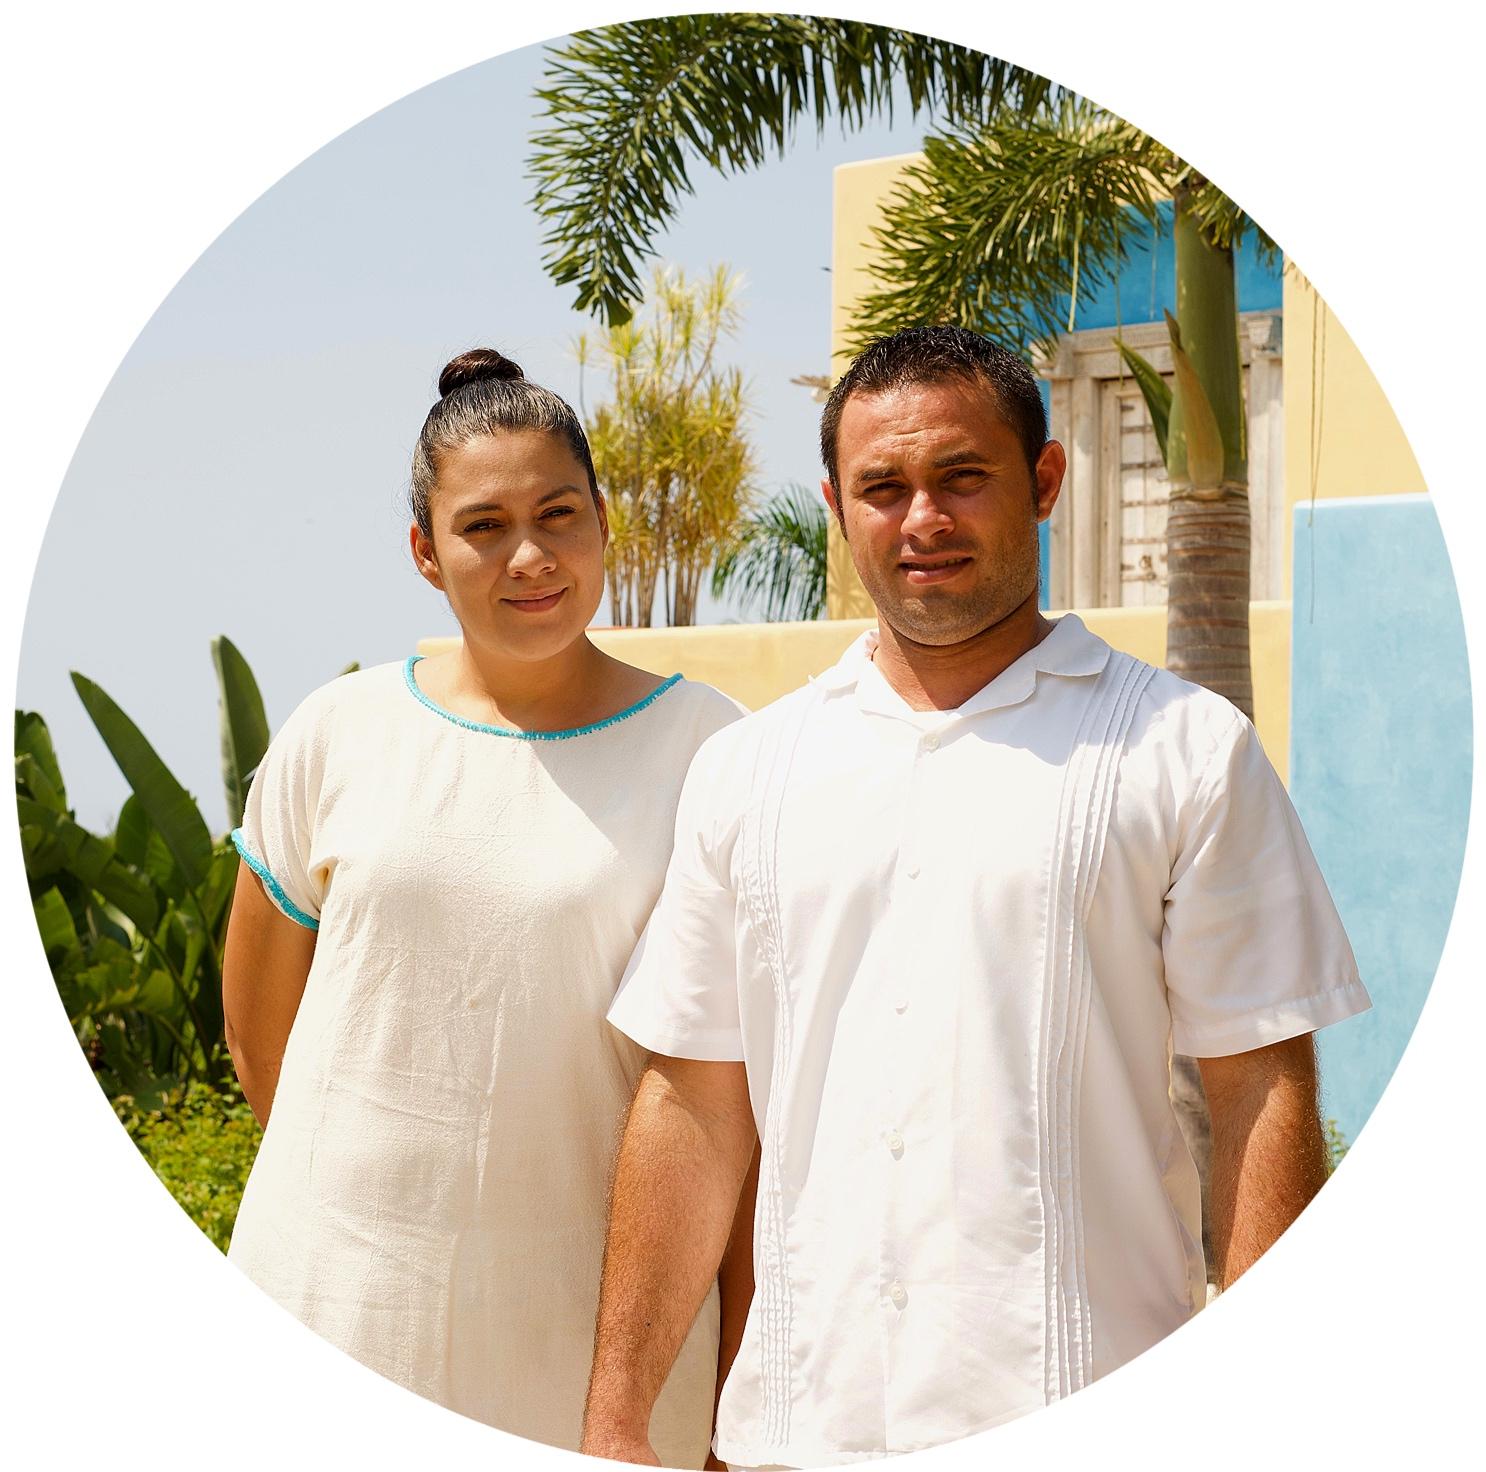 The Staff at Casa Palomir, Sandra & Antonio